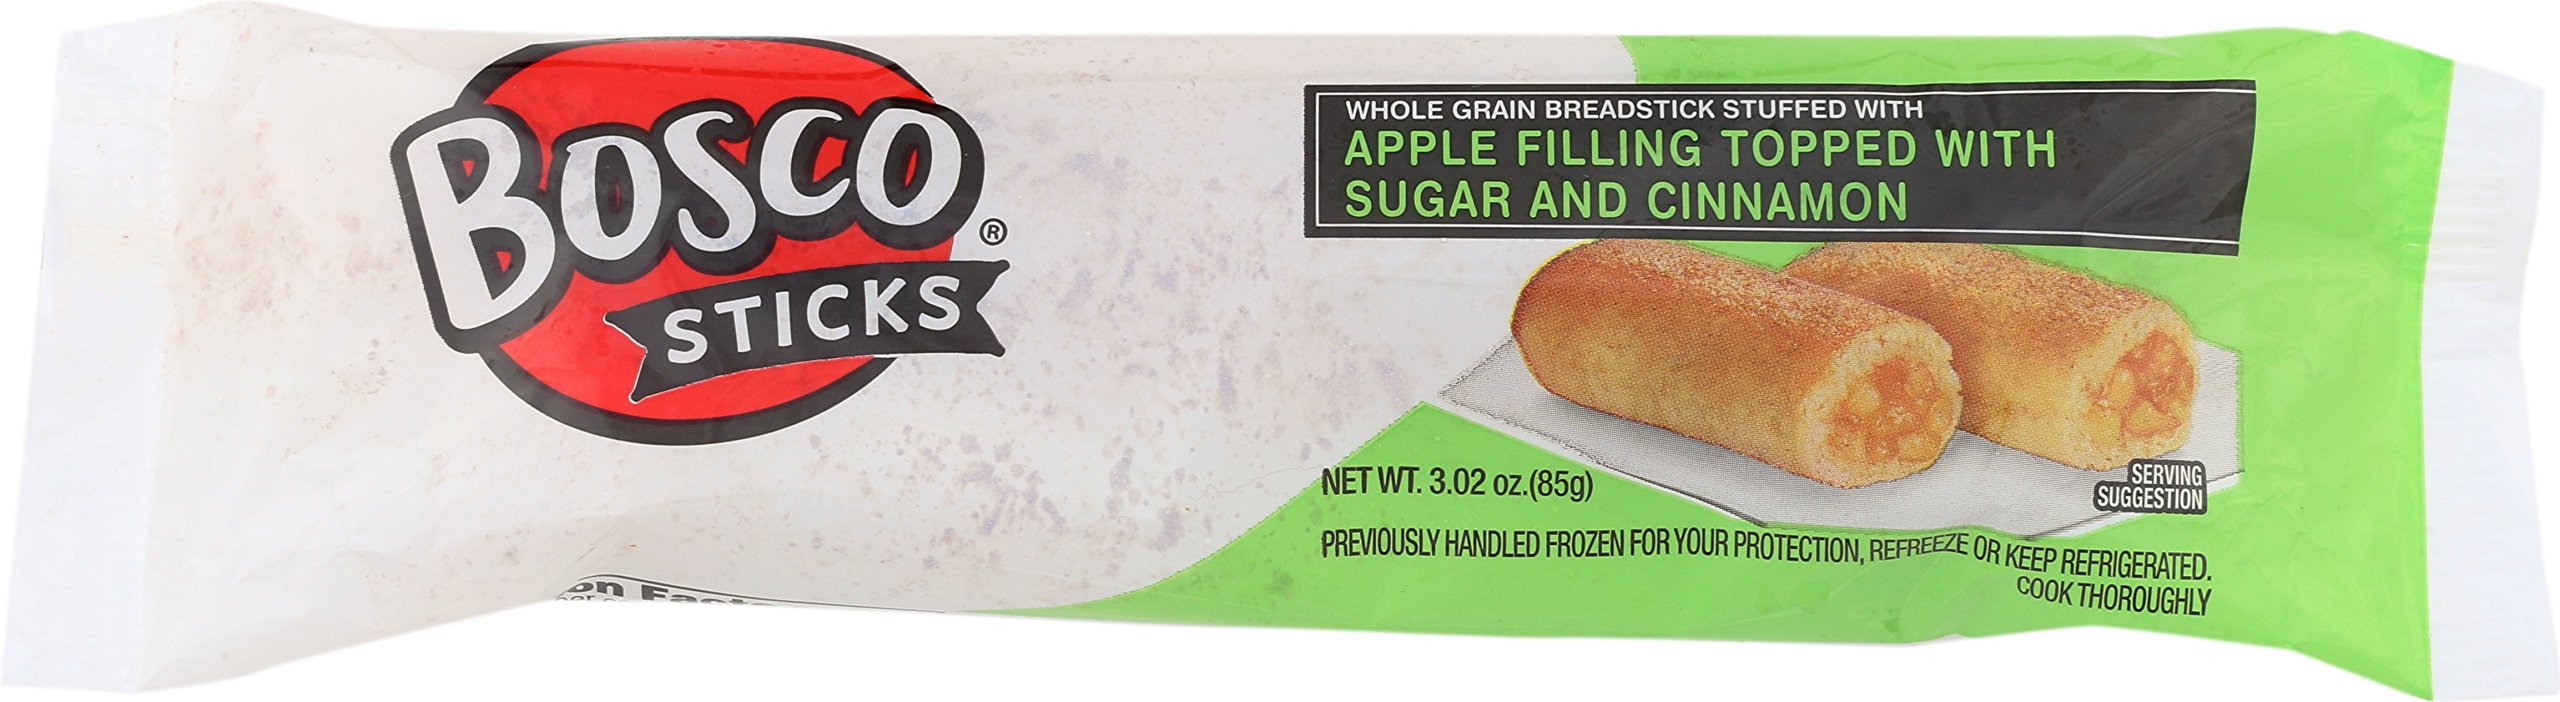 Bosco 7 inch Whole Grain Apple Bosco Stick 3.02 oz-Pack of 72